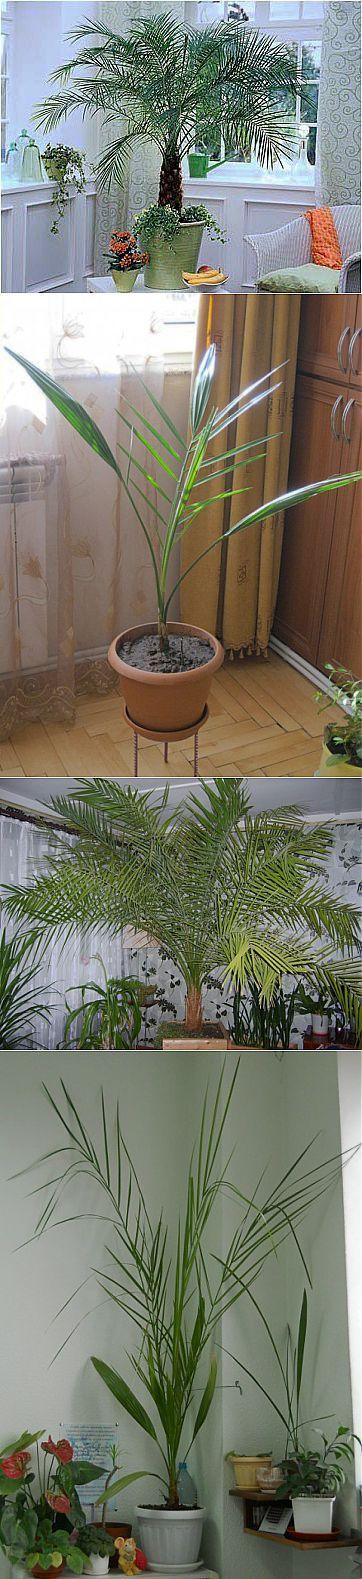 Как создать тропический уголок у себя дома? особенности ухода за финиковой пальмой в домашних условиях